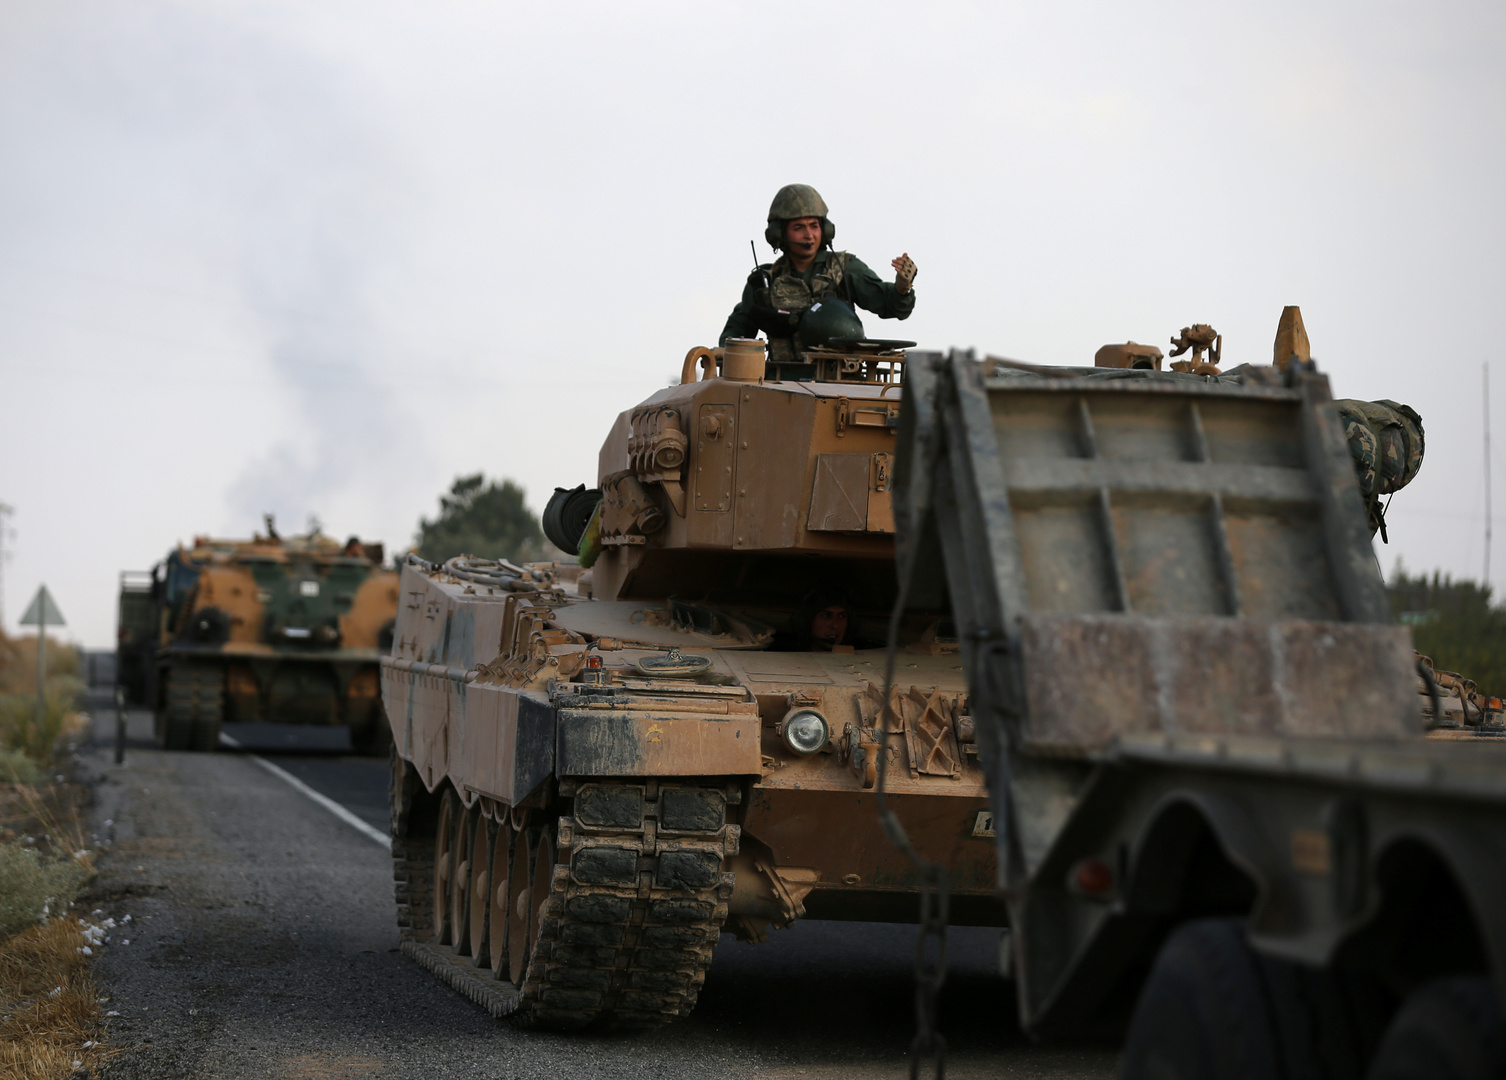 يطردون عسكر أردوغان من سوريا وغيرهم من غير مكان